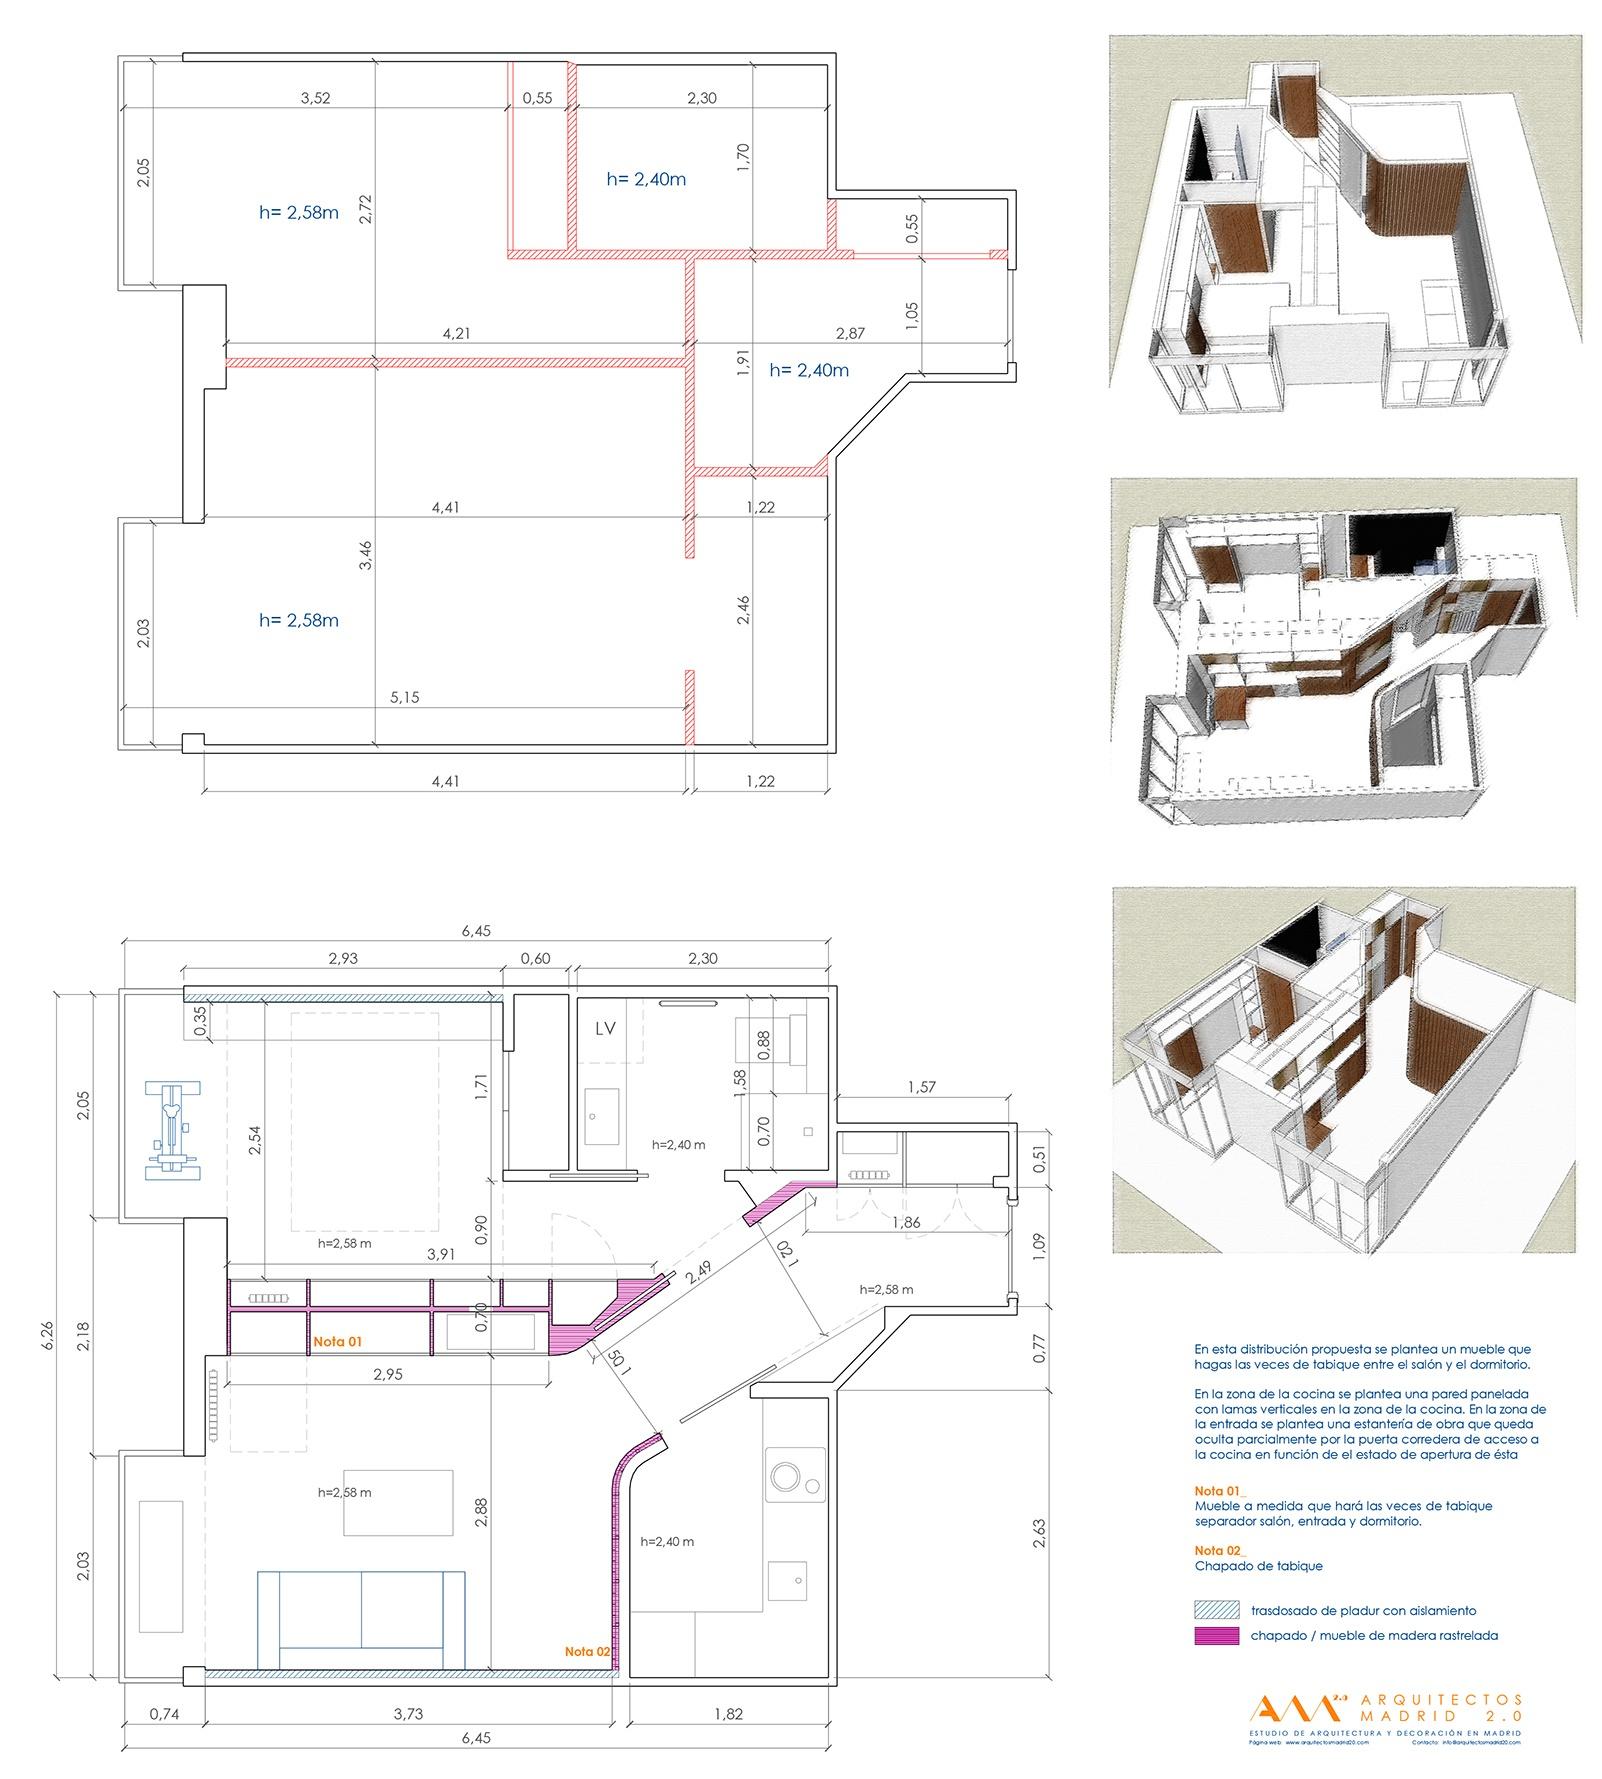 proyectos-arquitectos-madrid-locales-viviendas-cambio-de-uso